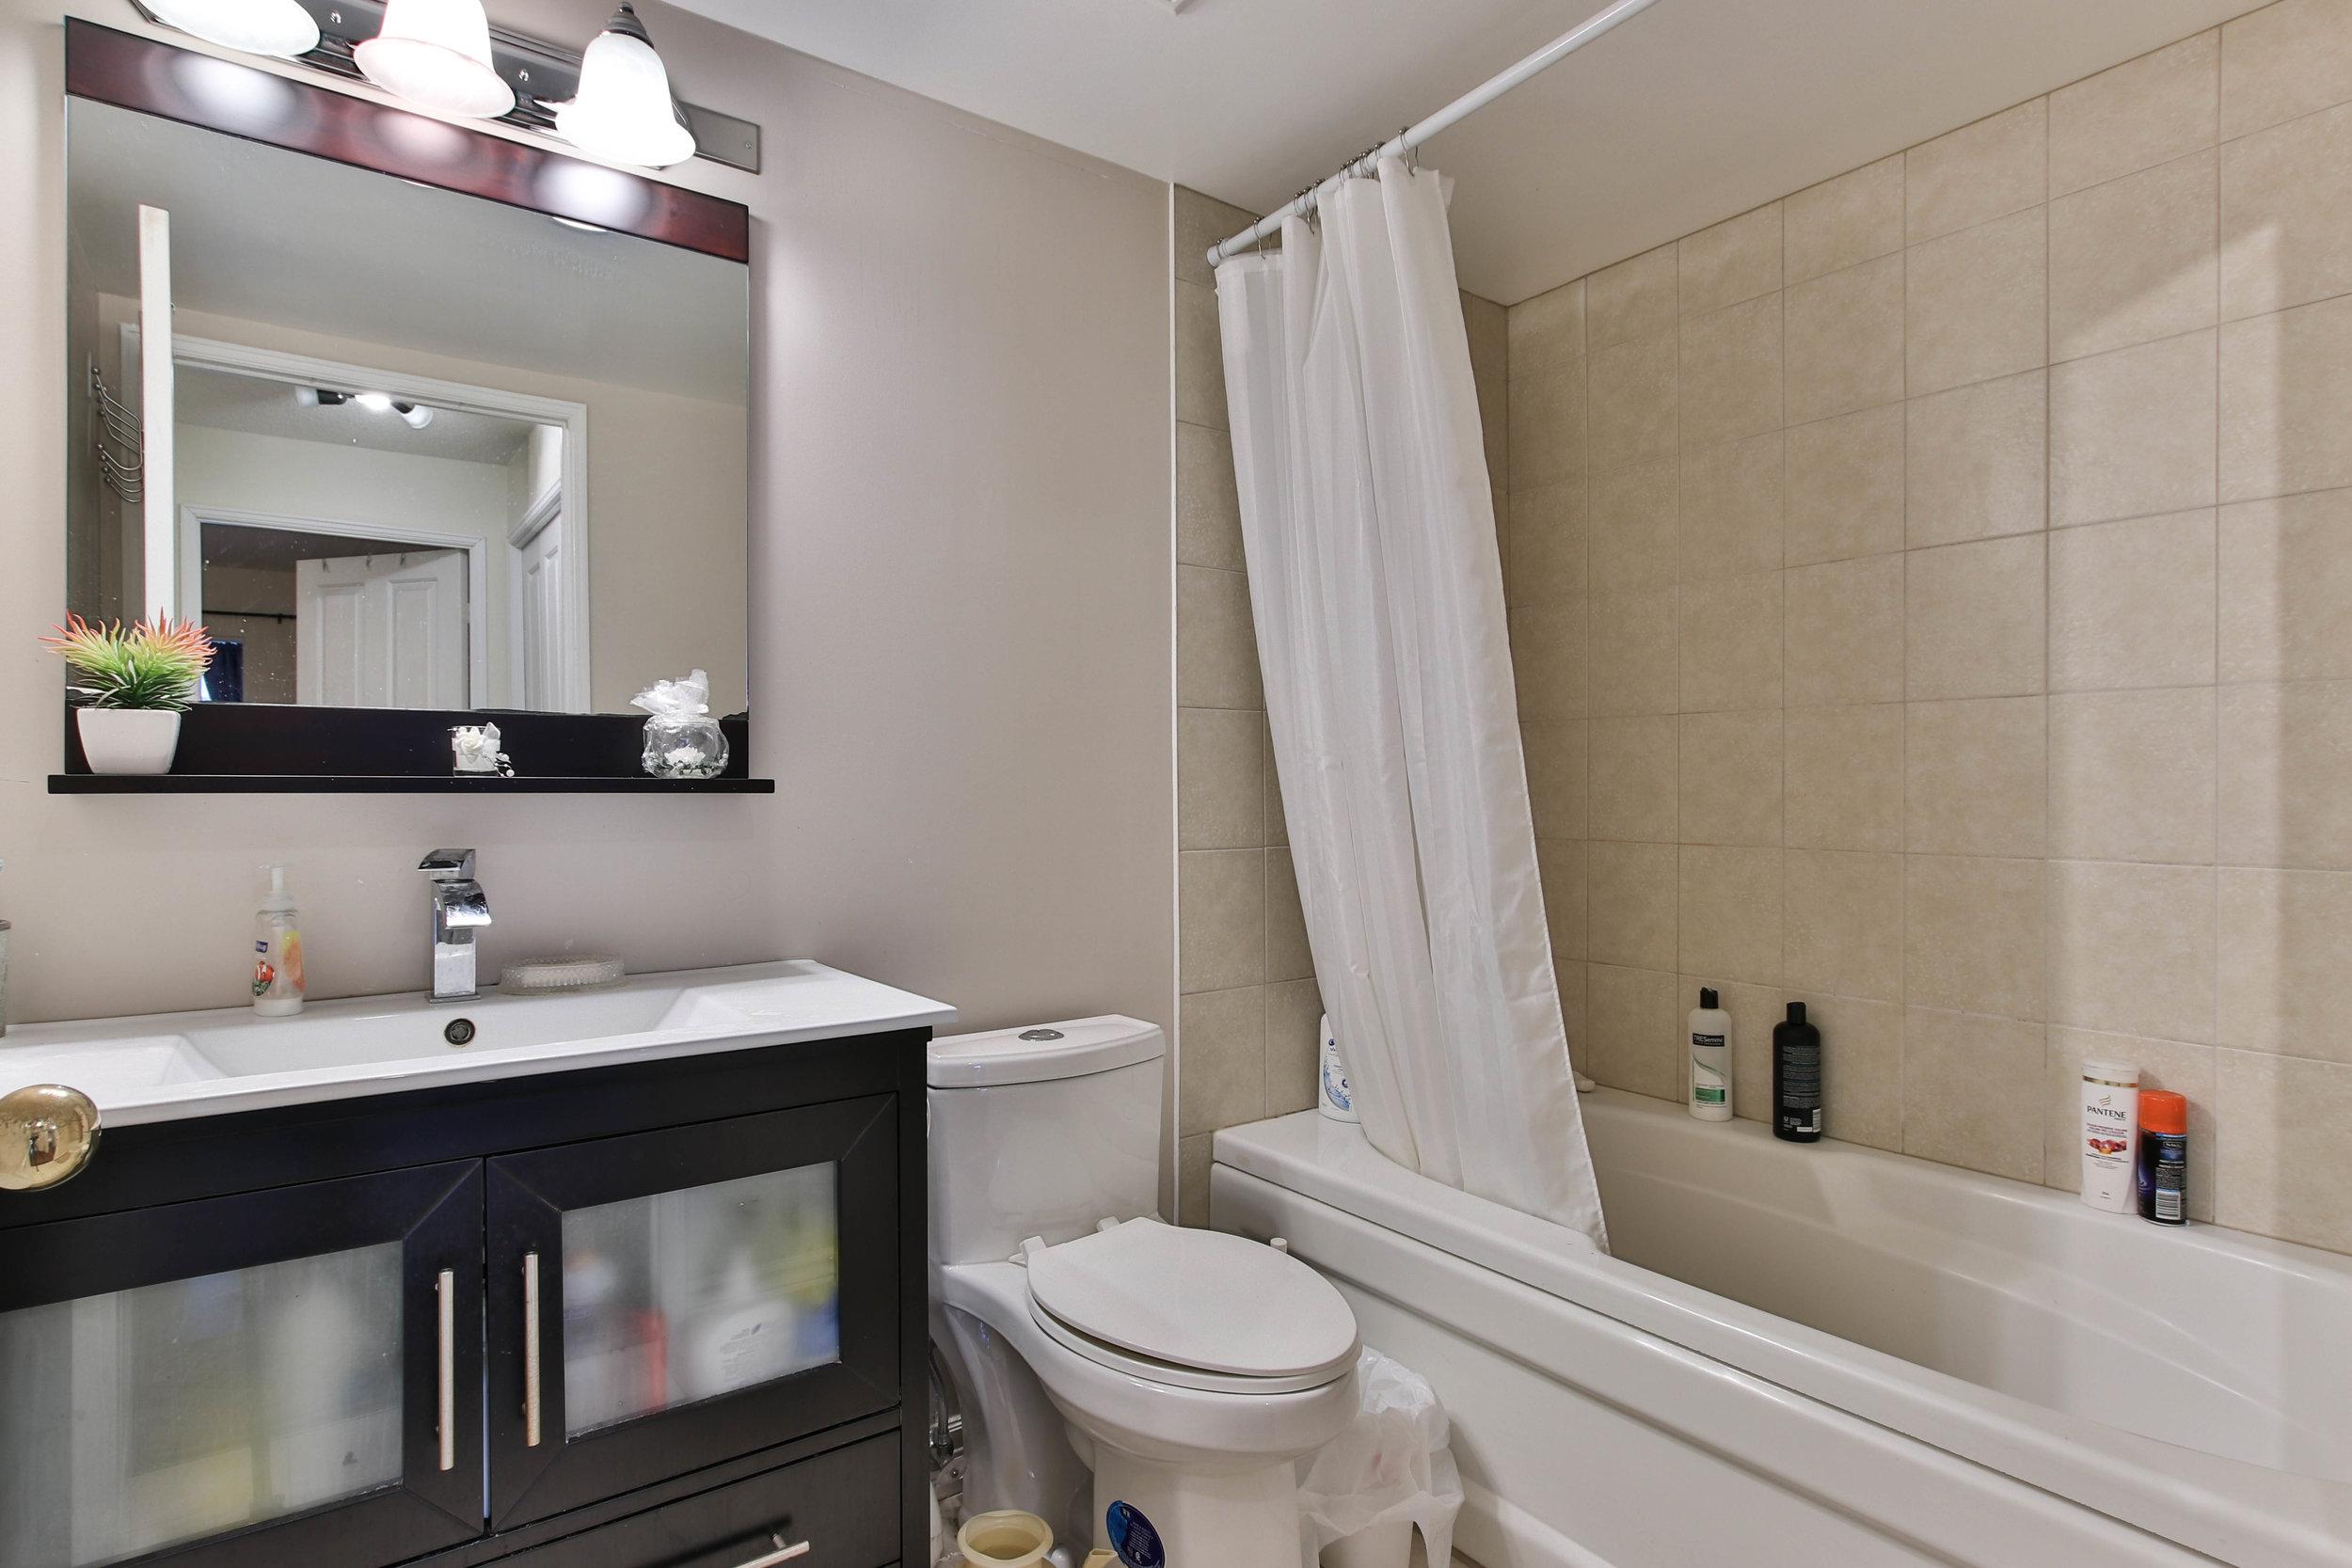 15_Washroom-3287.jpg